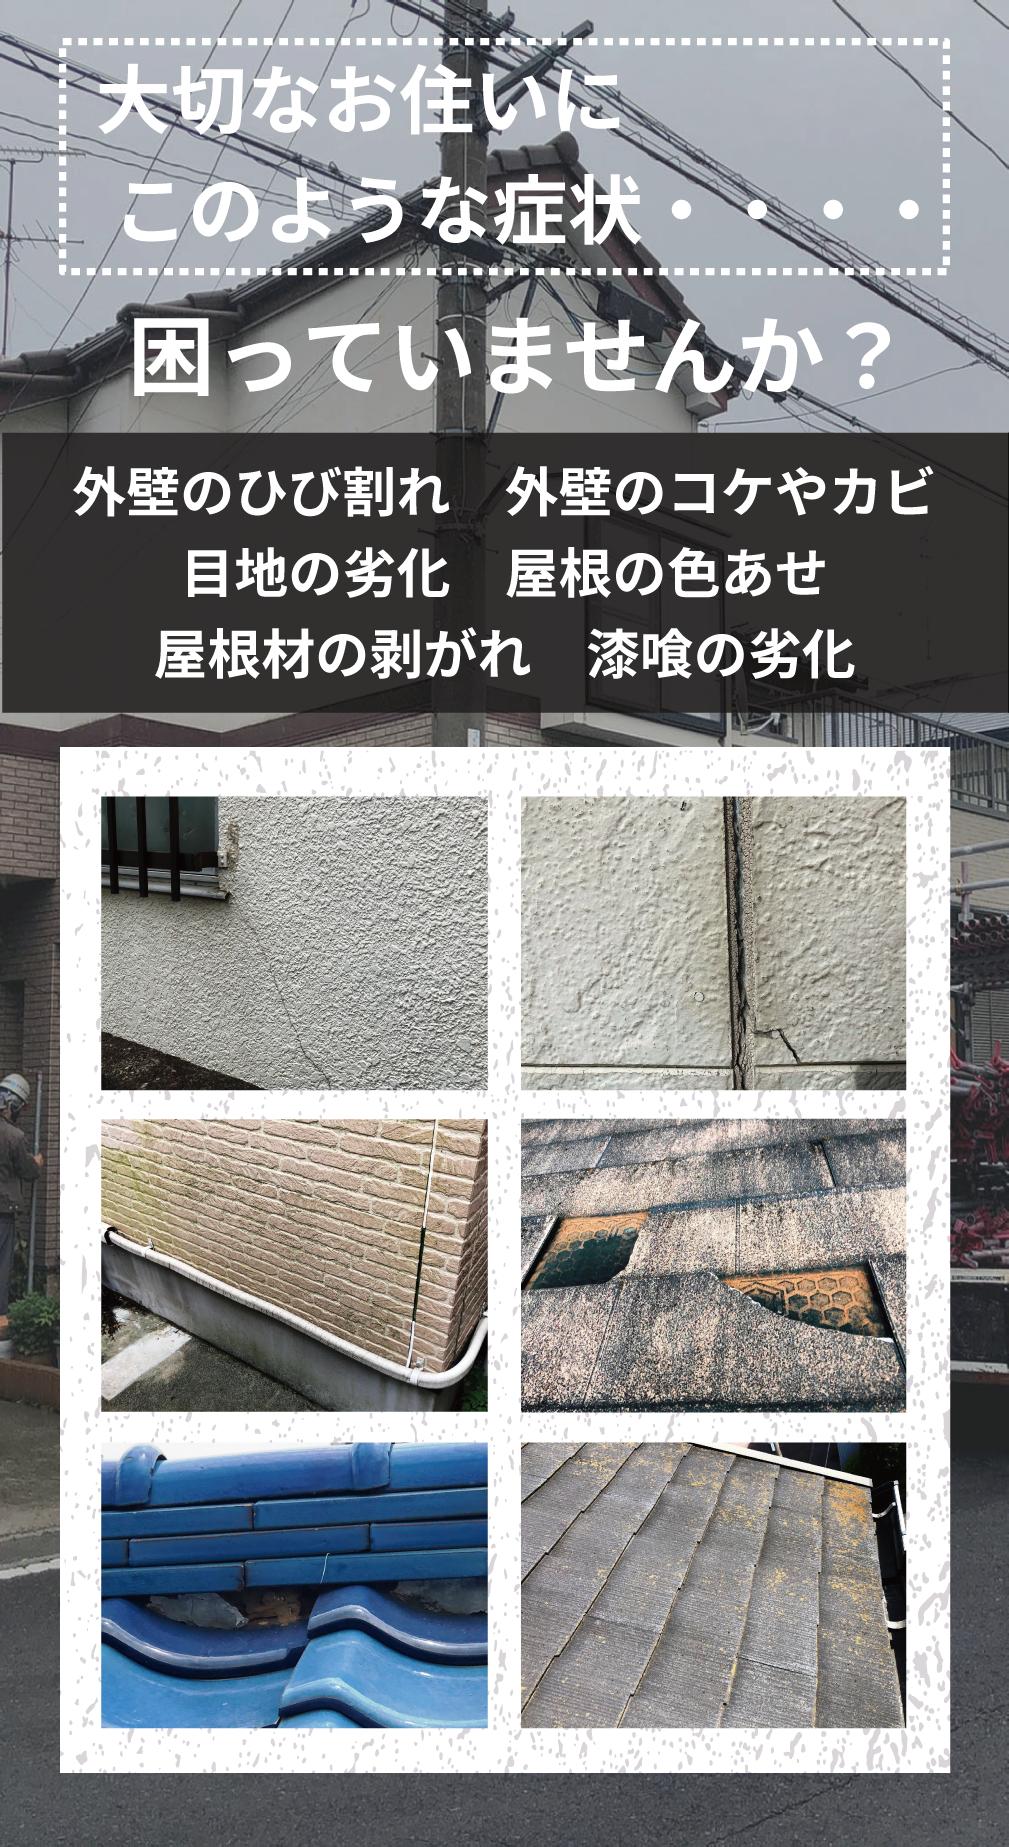 外壁のひび割れ 外壁のコケやカビ 目地の劣化 屋根の色あせ 屋根の修理 漆喰の補修